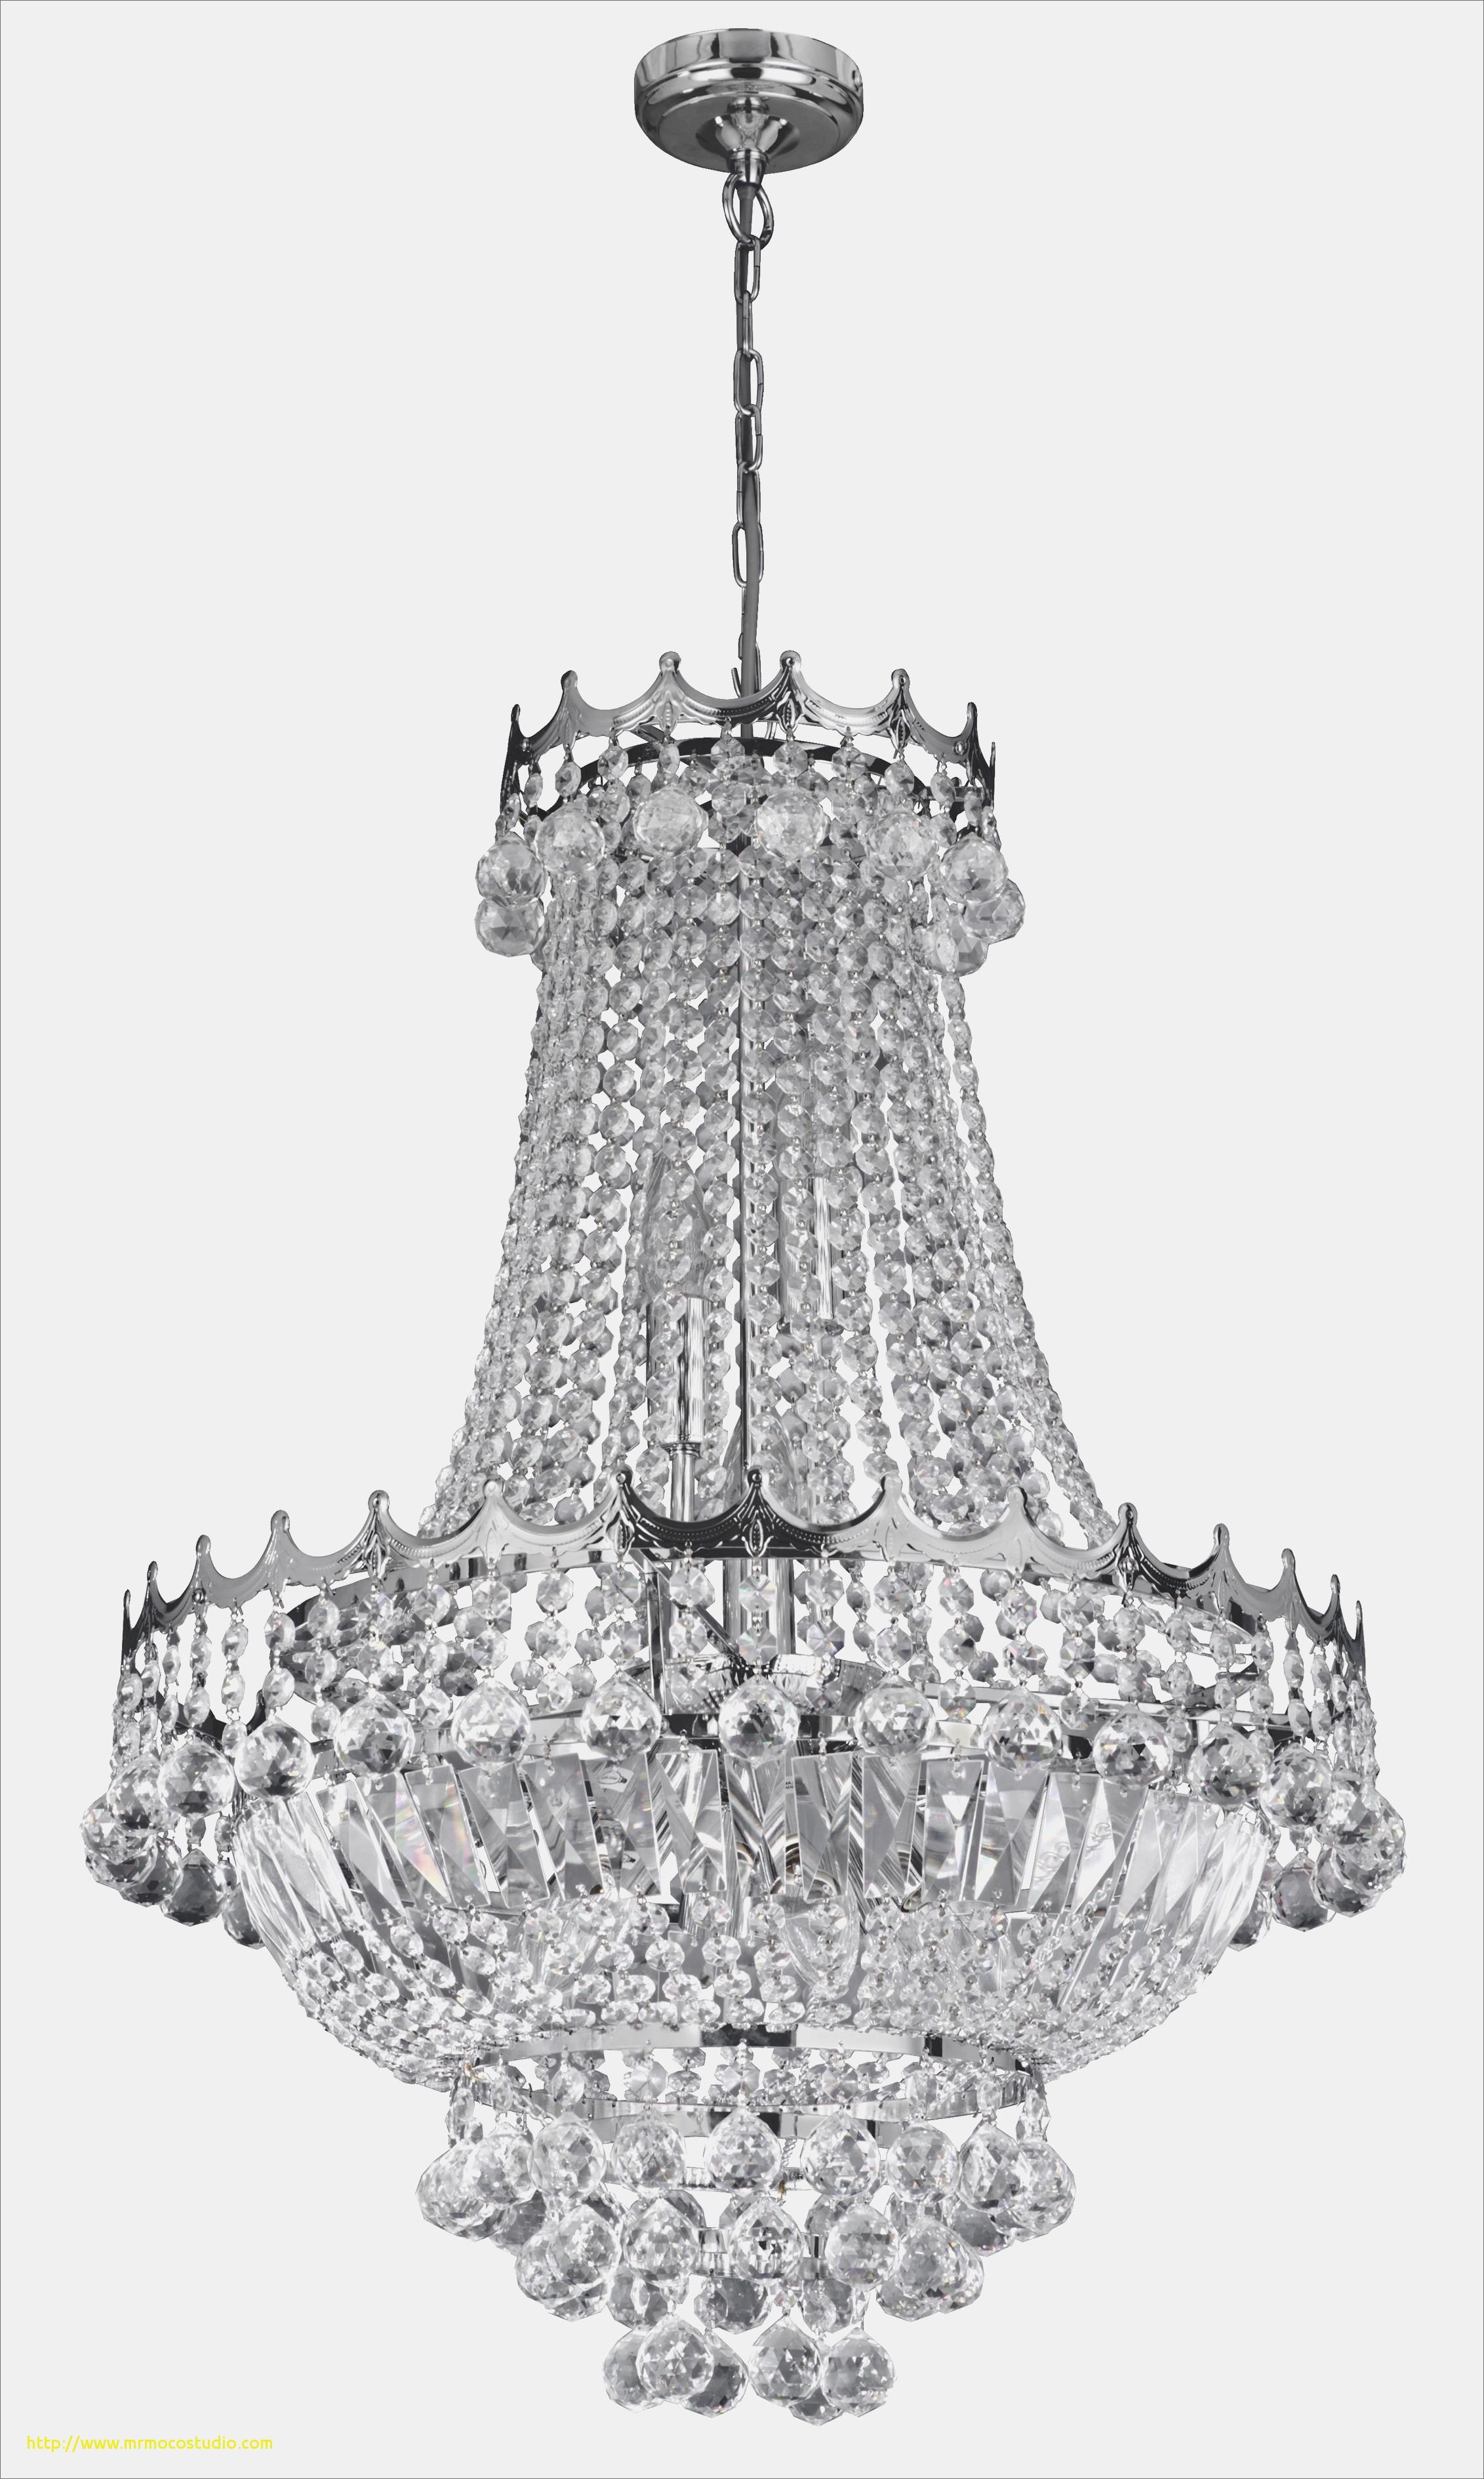 lustre salon design pas cher id e de luminaire et lampe maison. Black Bedroom Furniture Sets. Home Design Ideas